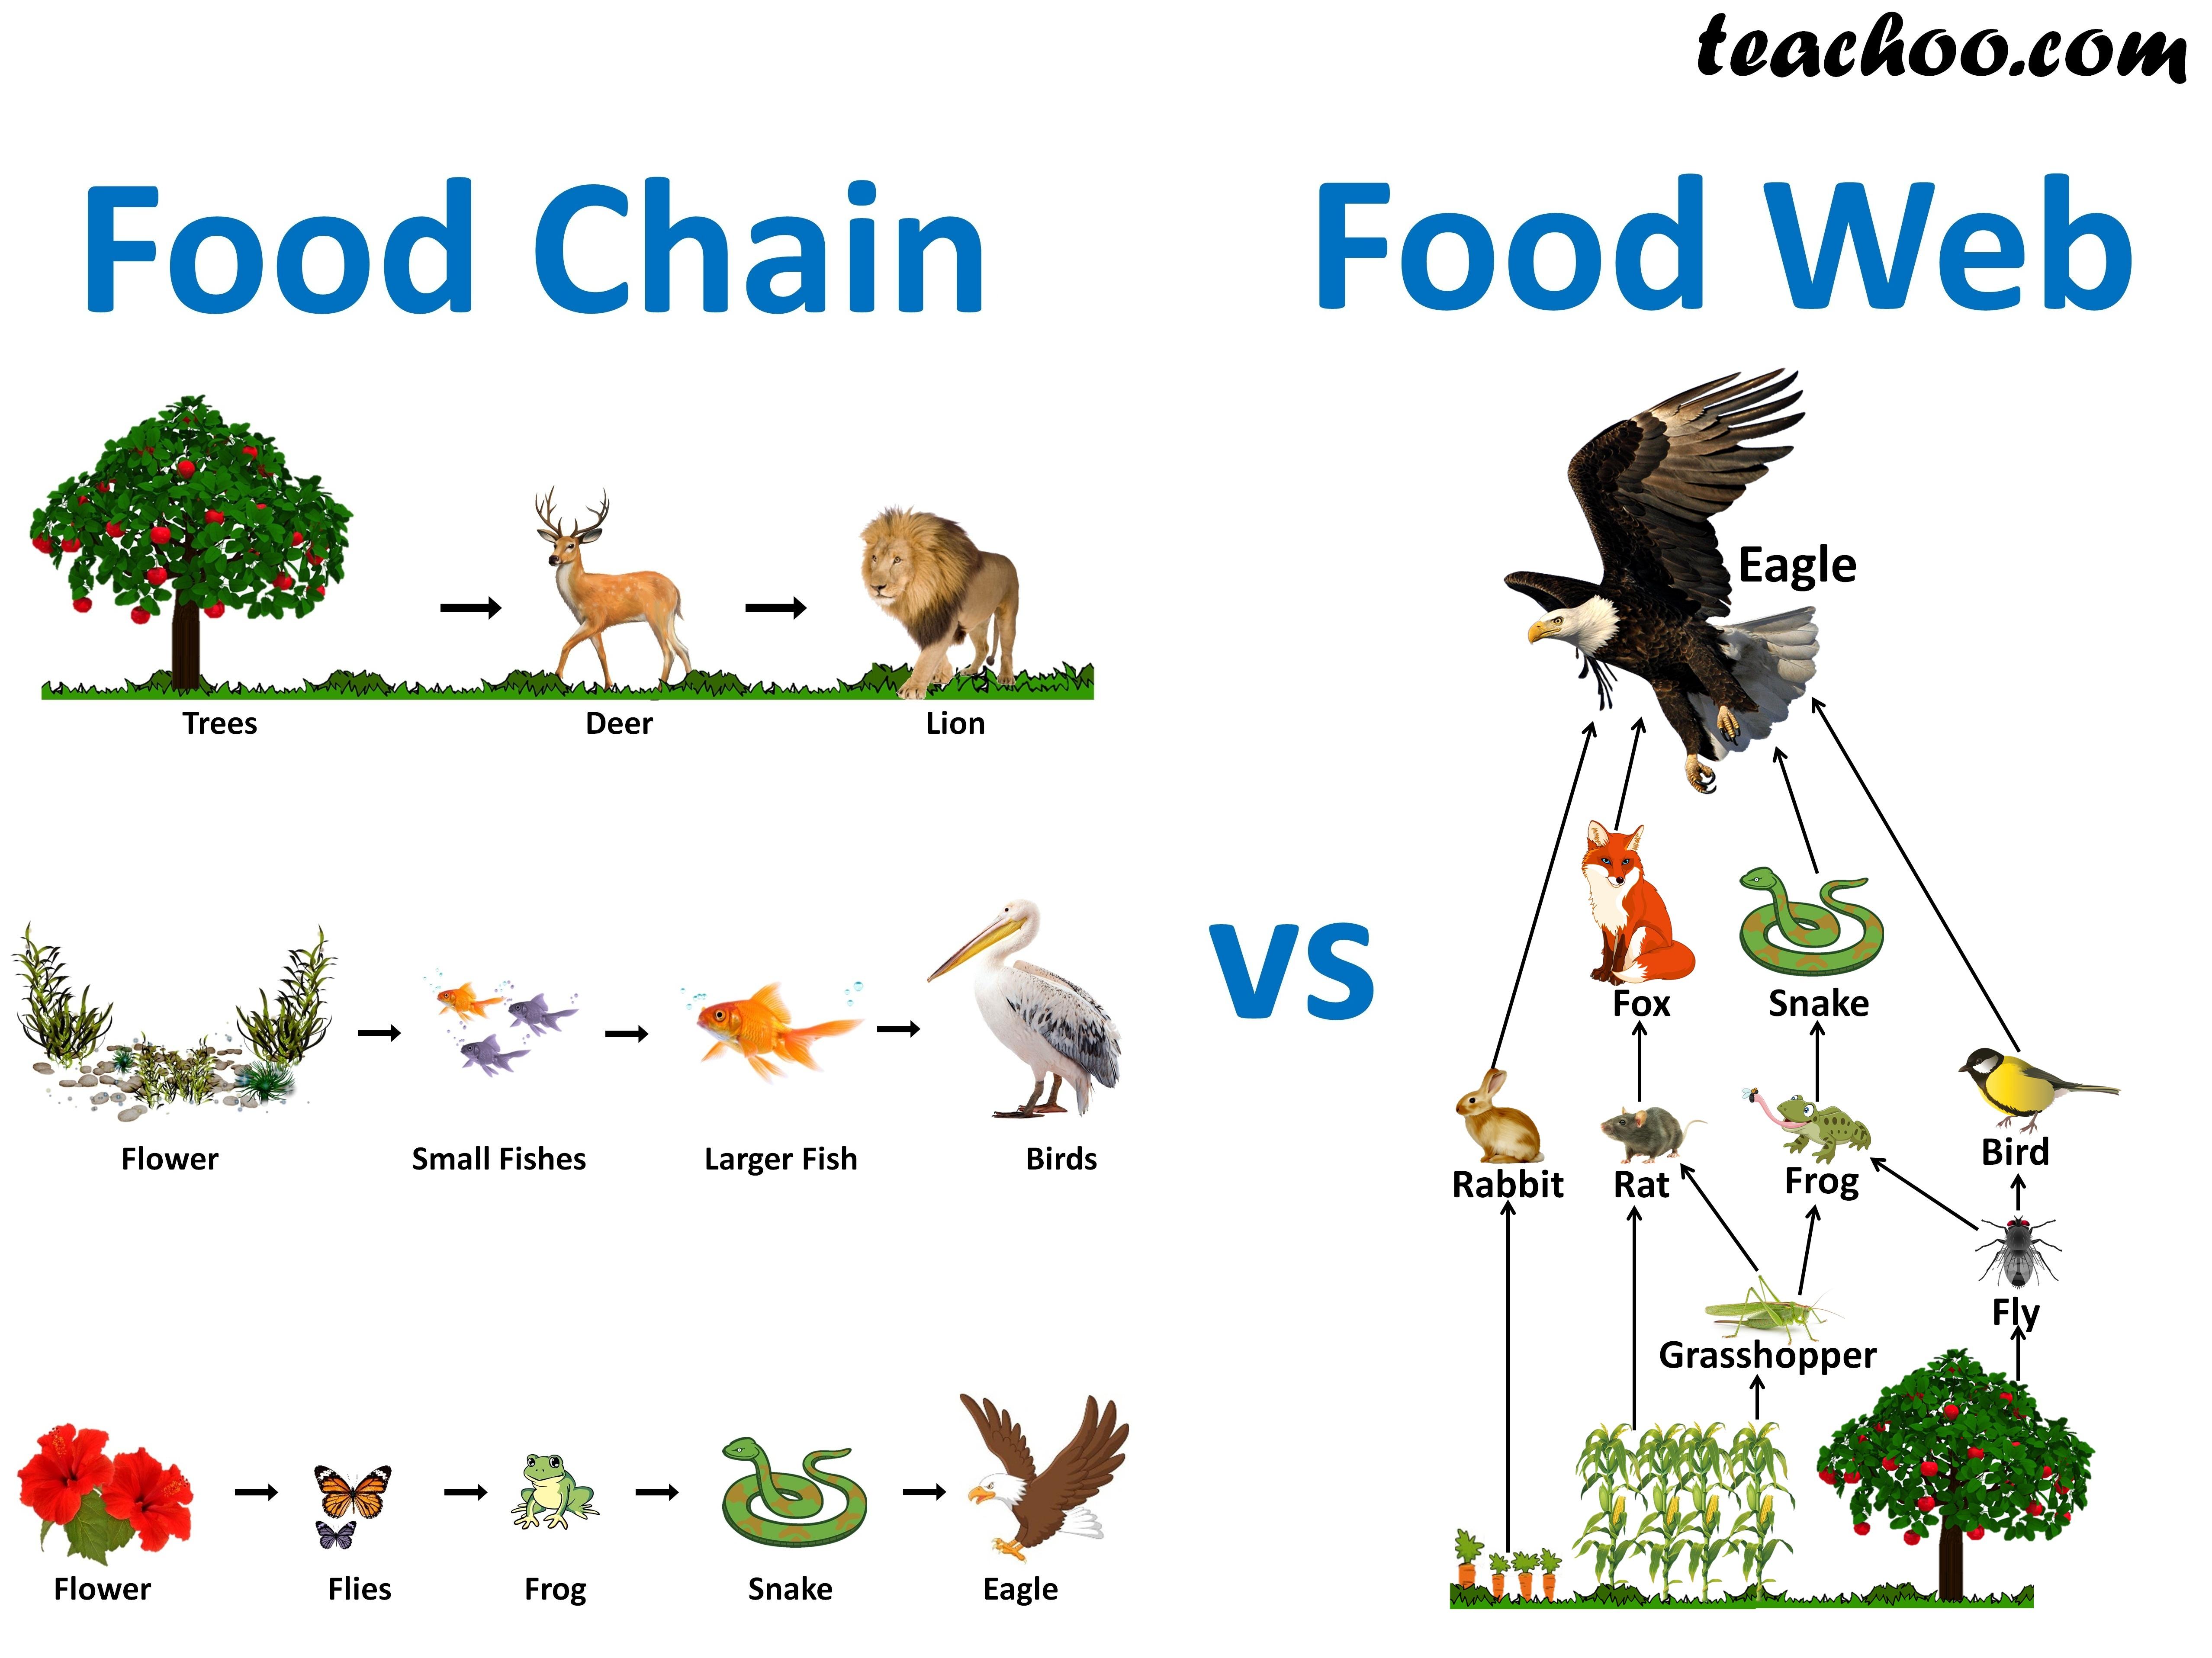 Food Chains vs Food Web - Teachoo.jpg